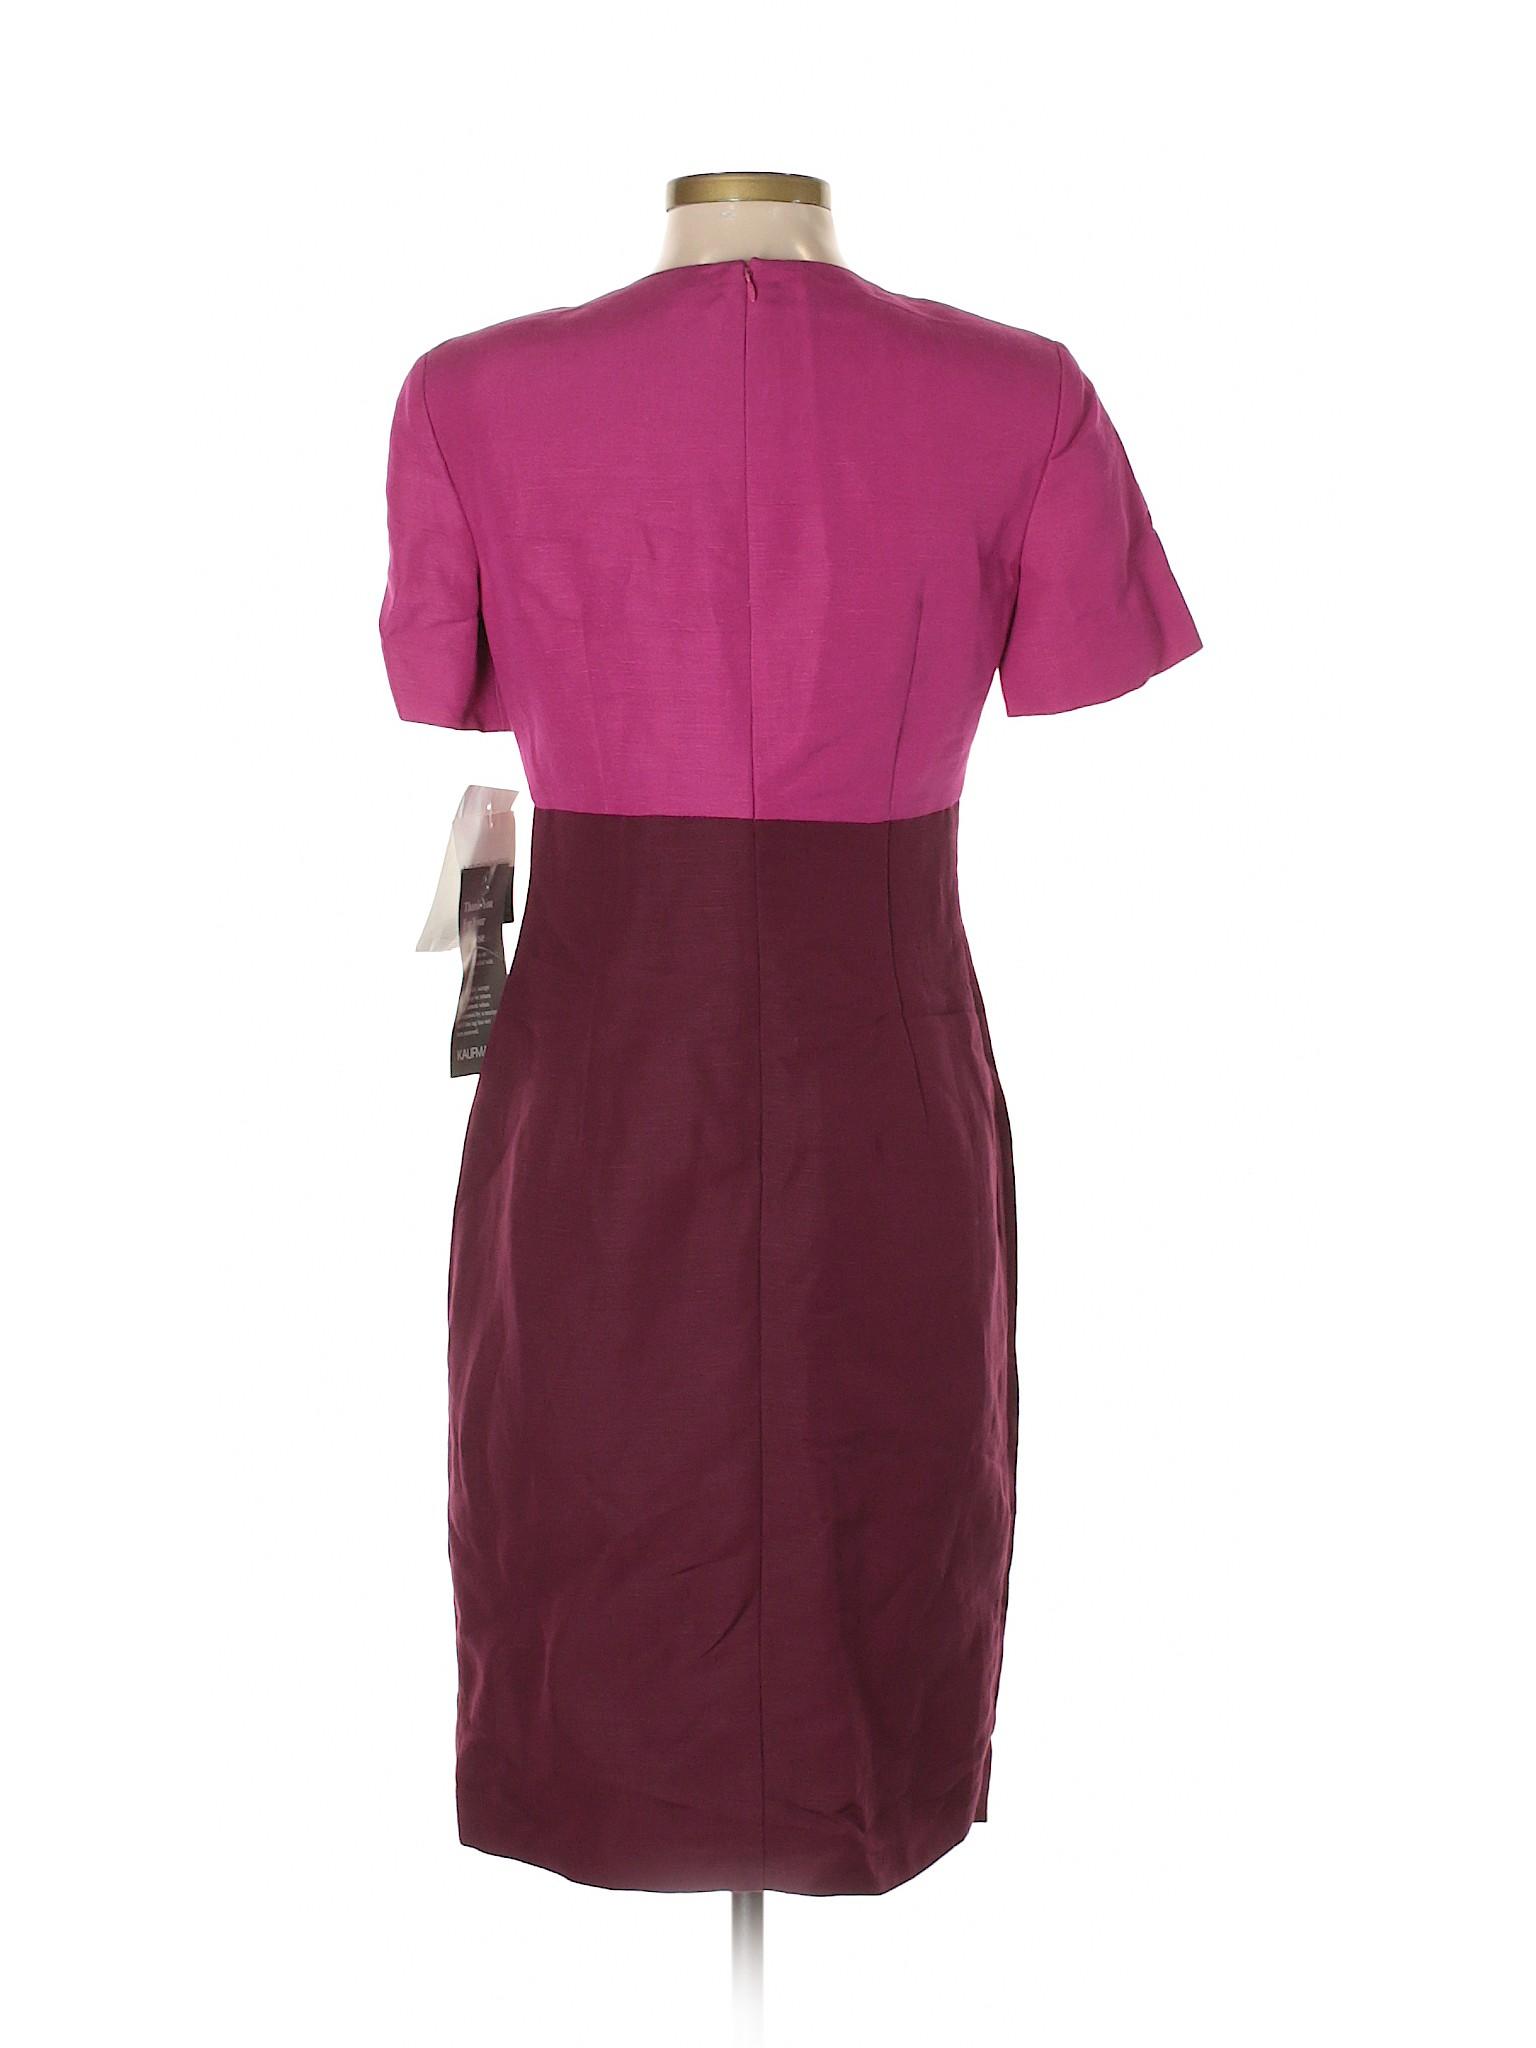 b6919760739e8 Claiborne Boutique Casual Dress Liz winter vqEqfz in vivid ...